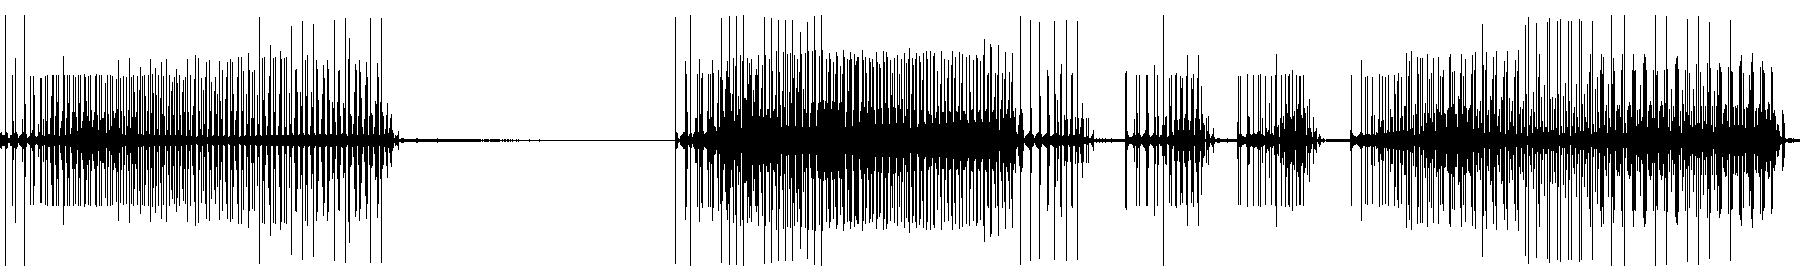 bass 14140bpm